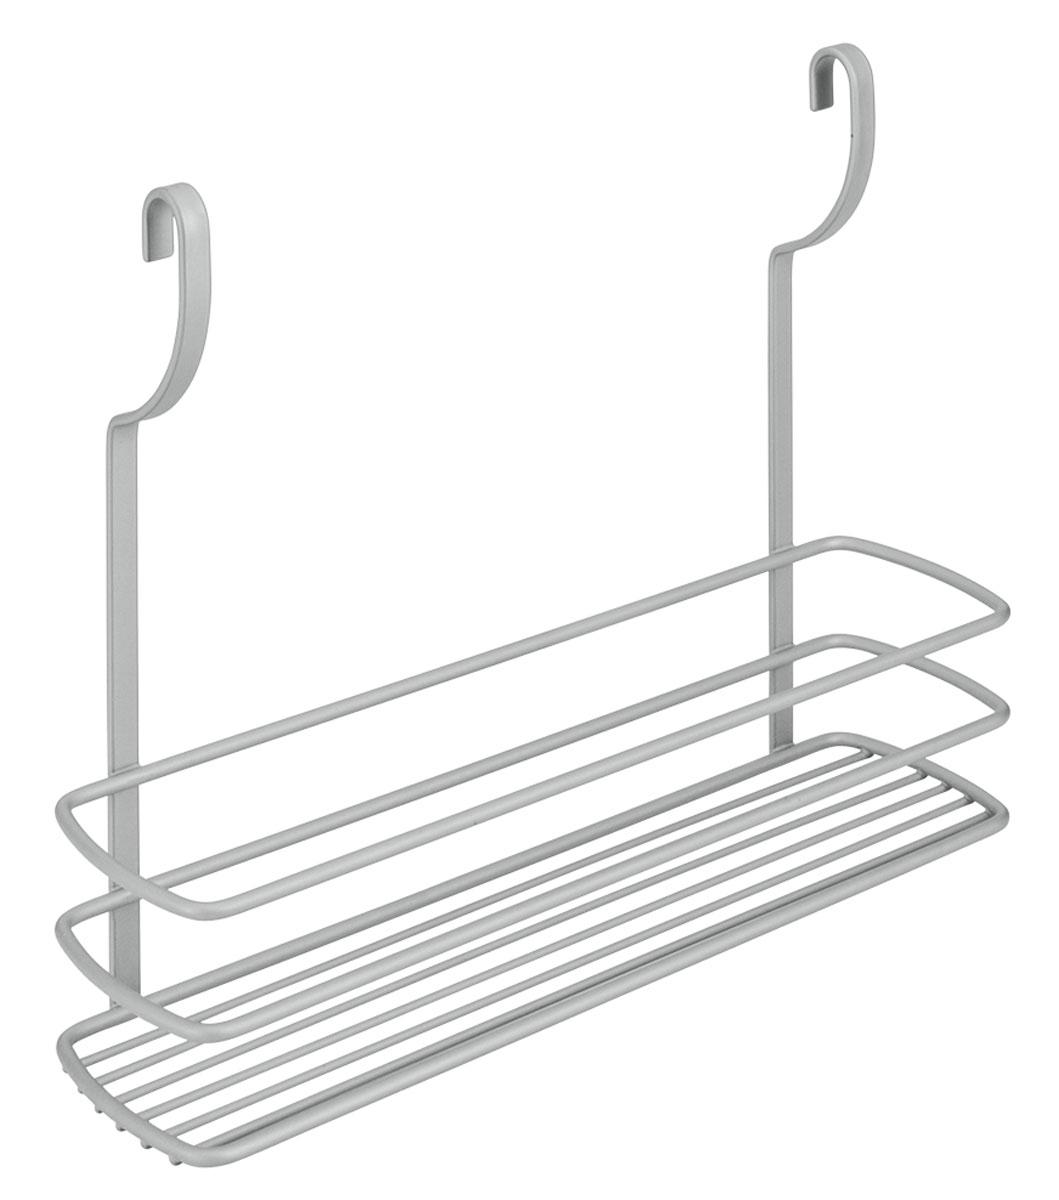 Полка навесная Metaltex City, 35 х 9 х 26 смVT-1520(SR)Навесная полка Metaltex City изготовлена из стали и покрыта новым полимерным покрытием Frost Polytherm. Такая полка не только экономит место на вашей кухне, но и обеспечивает наглядность, порядок и удобный доступ к кухонным принадлежностям.Современный дизайн делает ее практичным и стильным домашним аксессуаром. Она пригодится для хранения различных кухонных или других принадлежностей, которые всегда будут под рукой.Полка устанавливается на рейлинг с помощь двух крючков. Гарантия производителя на покрытие составляе 3 года.